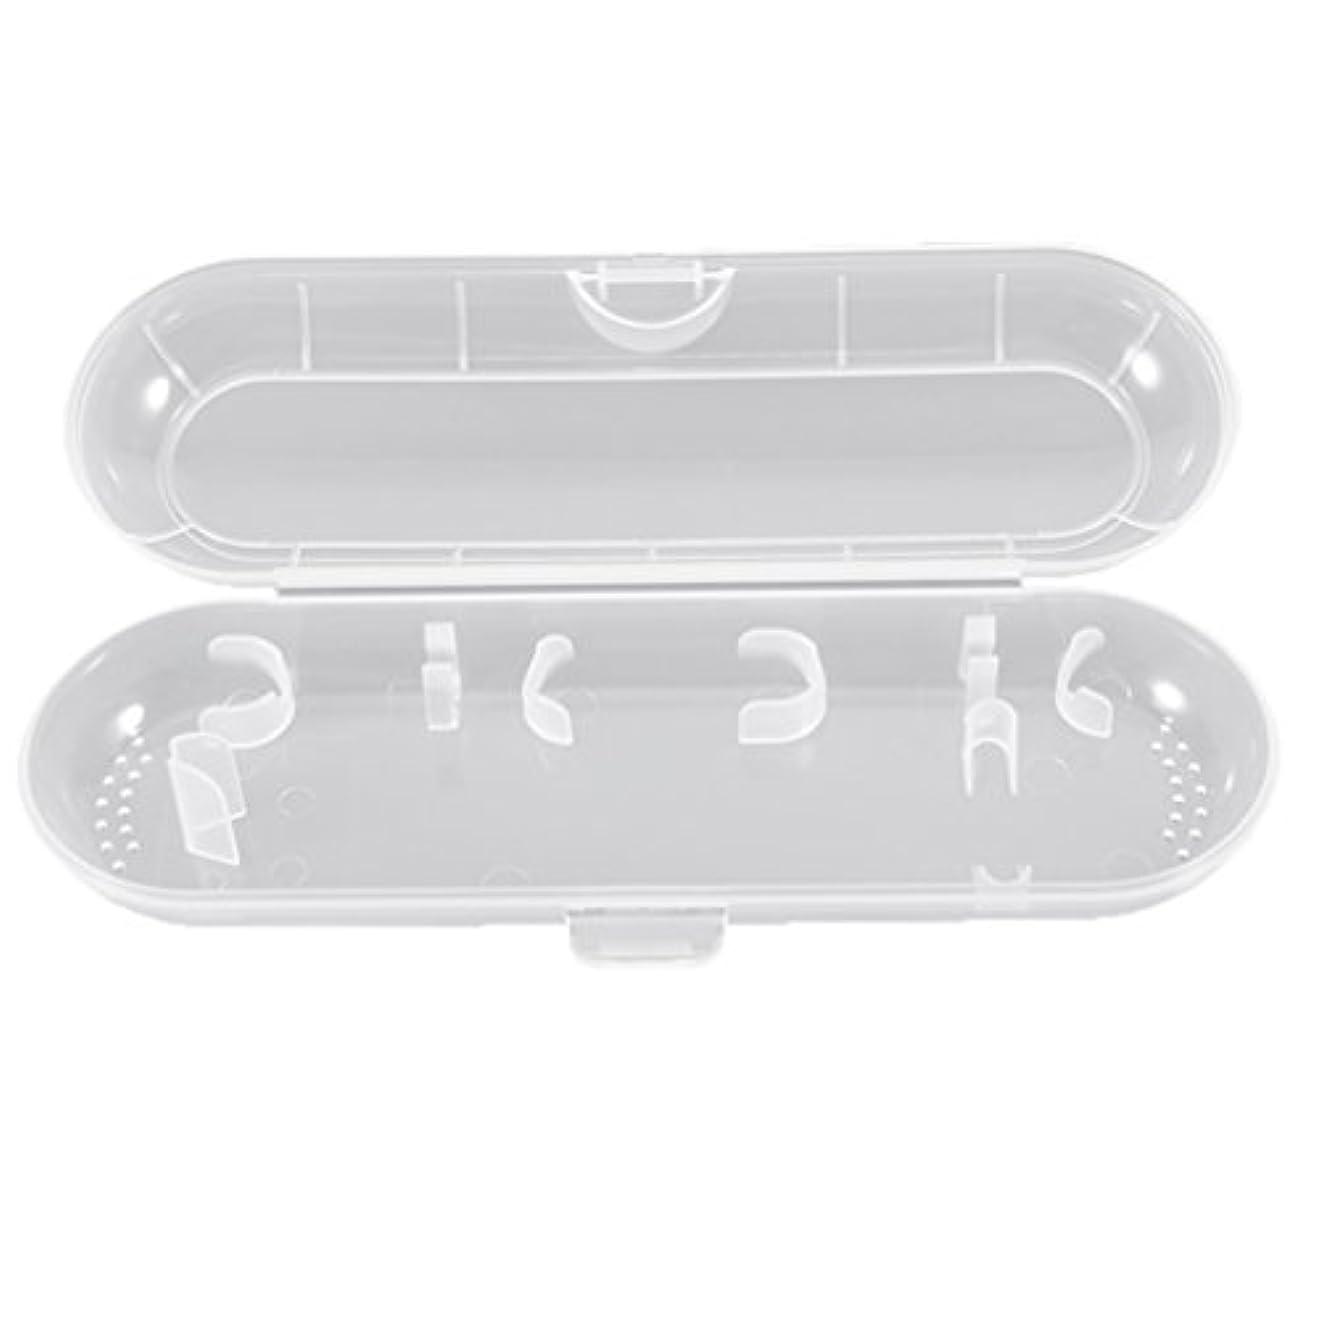 サイレン昼食保持Honel 透明 電動歯ブラシ収納ボックス プラスチック 電動歯ブラシケース 収納ケース ブラウン オーラルB対応